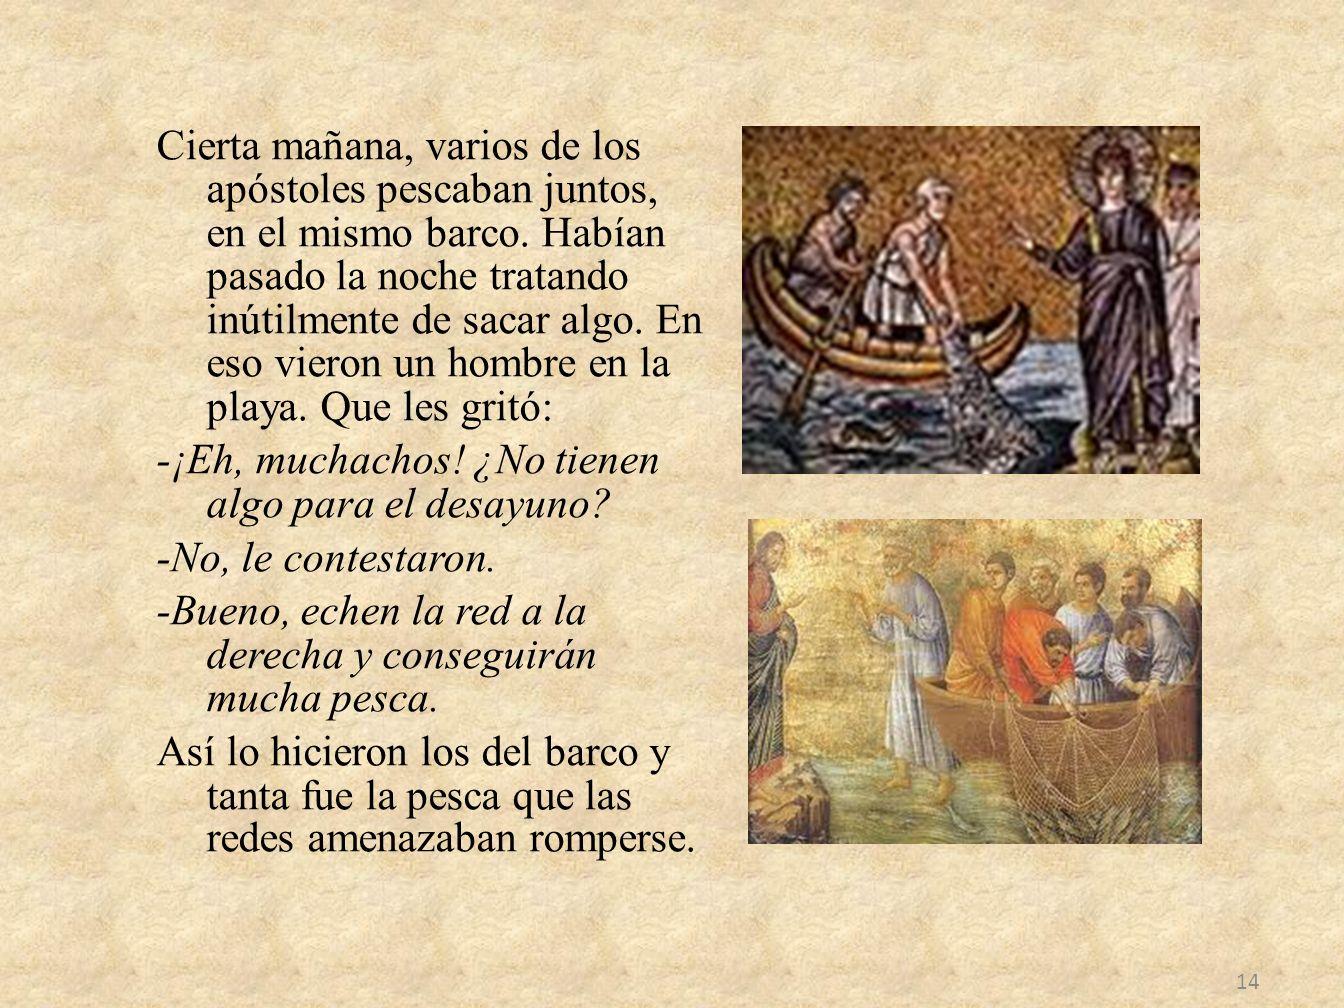 Cierta mañana, varios de los apóstoles pescaban juntos, en el mismo barco.